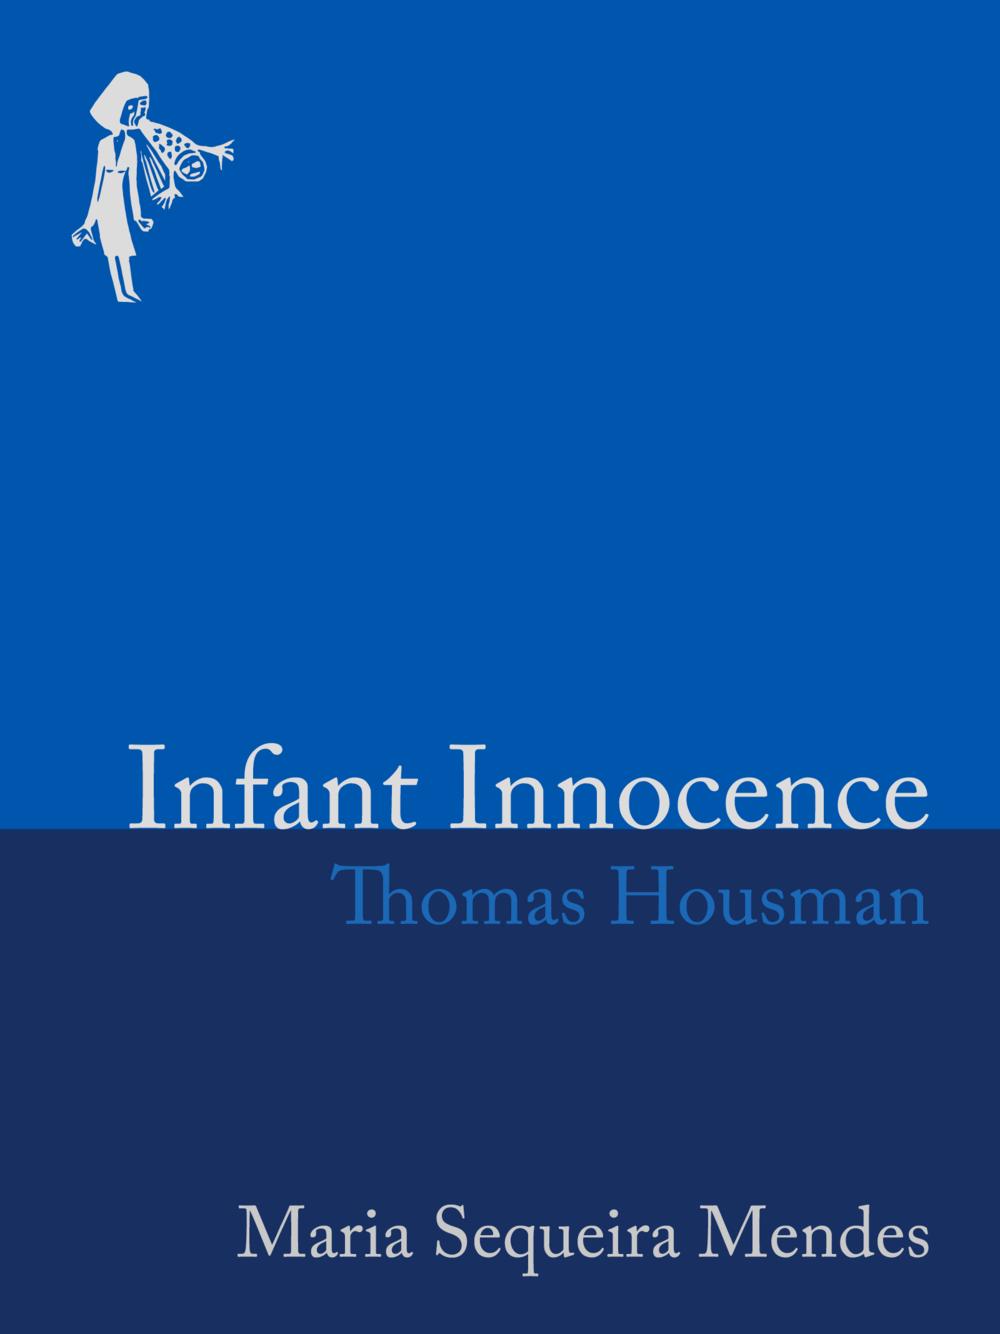 infantMSM.png